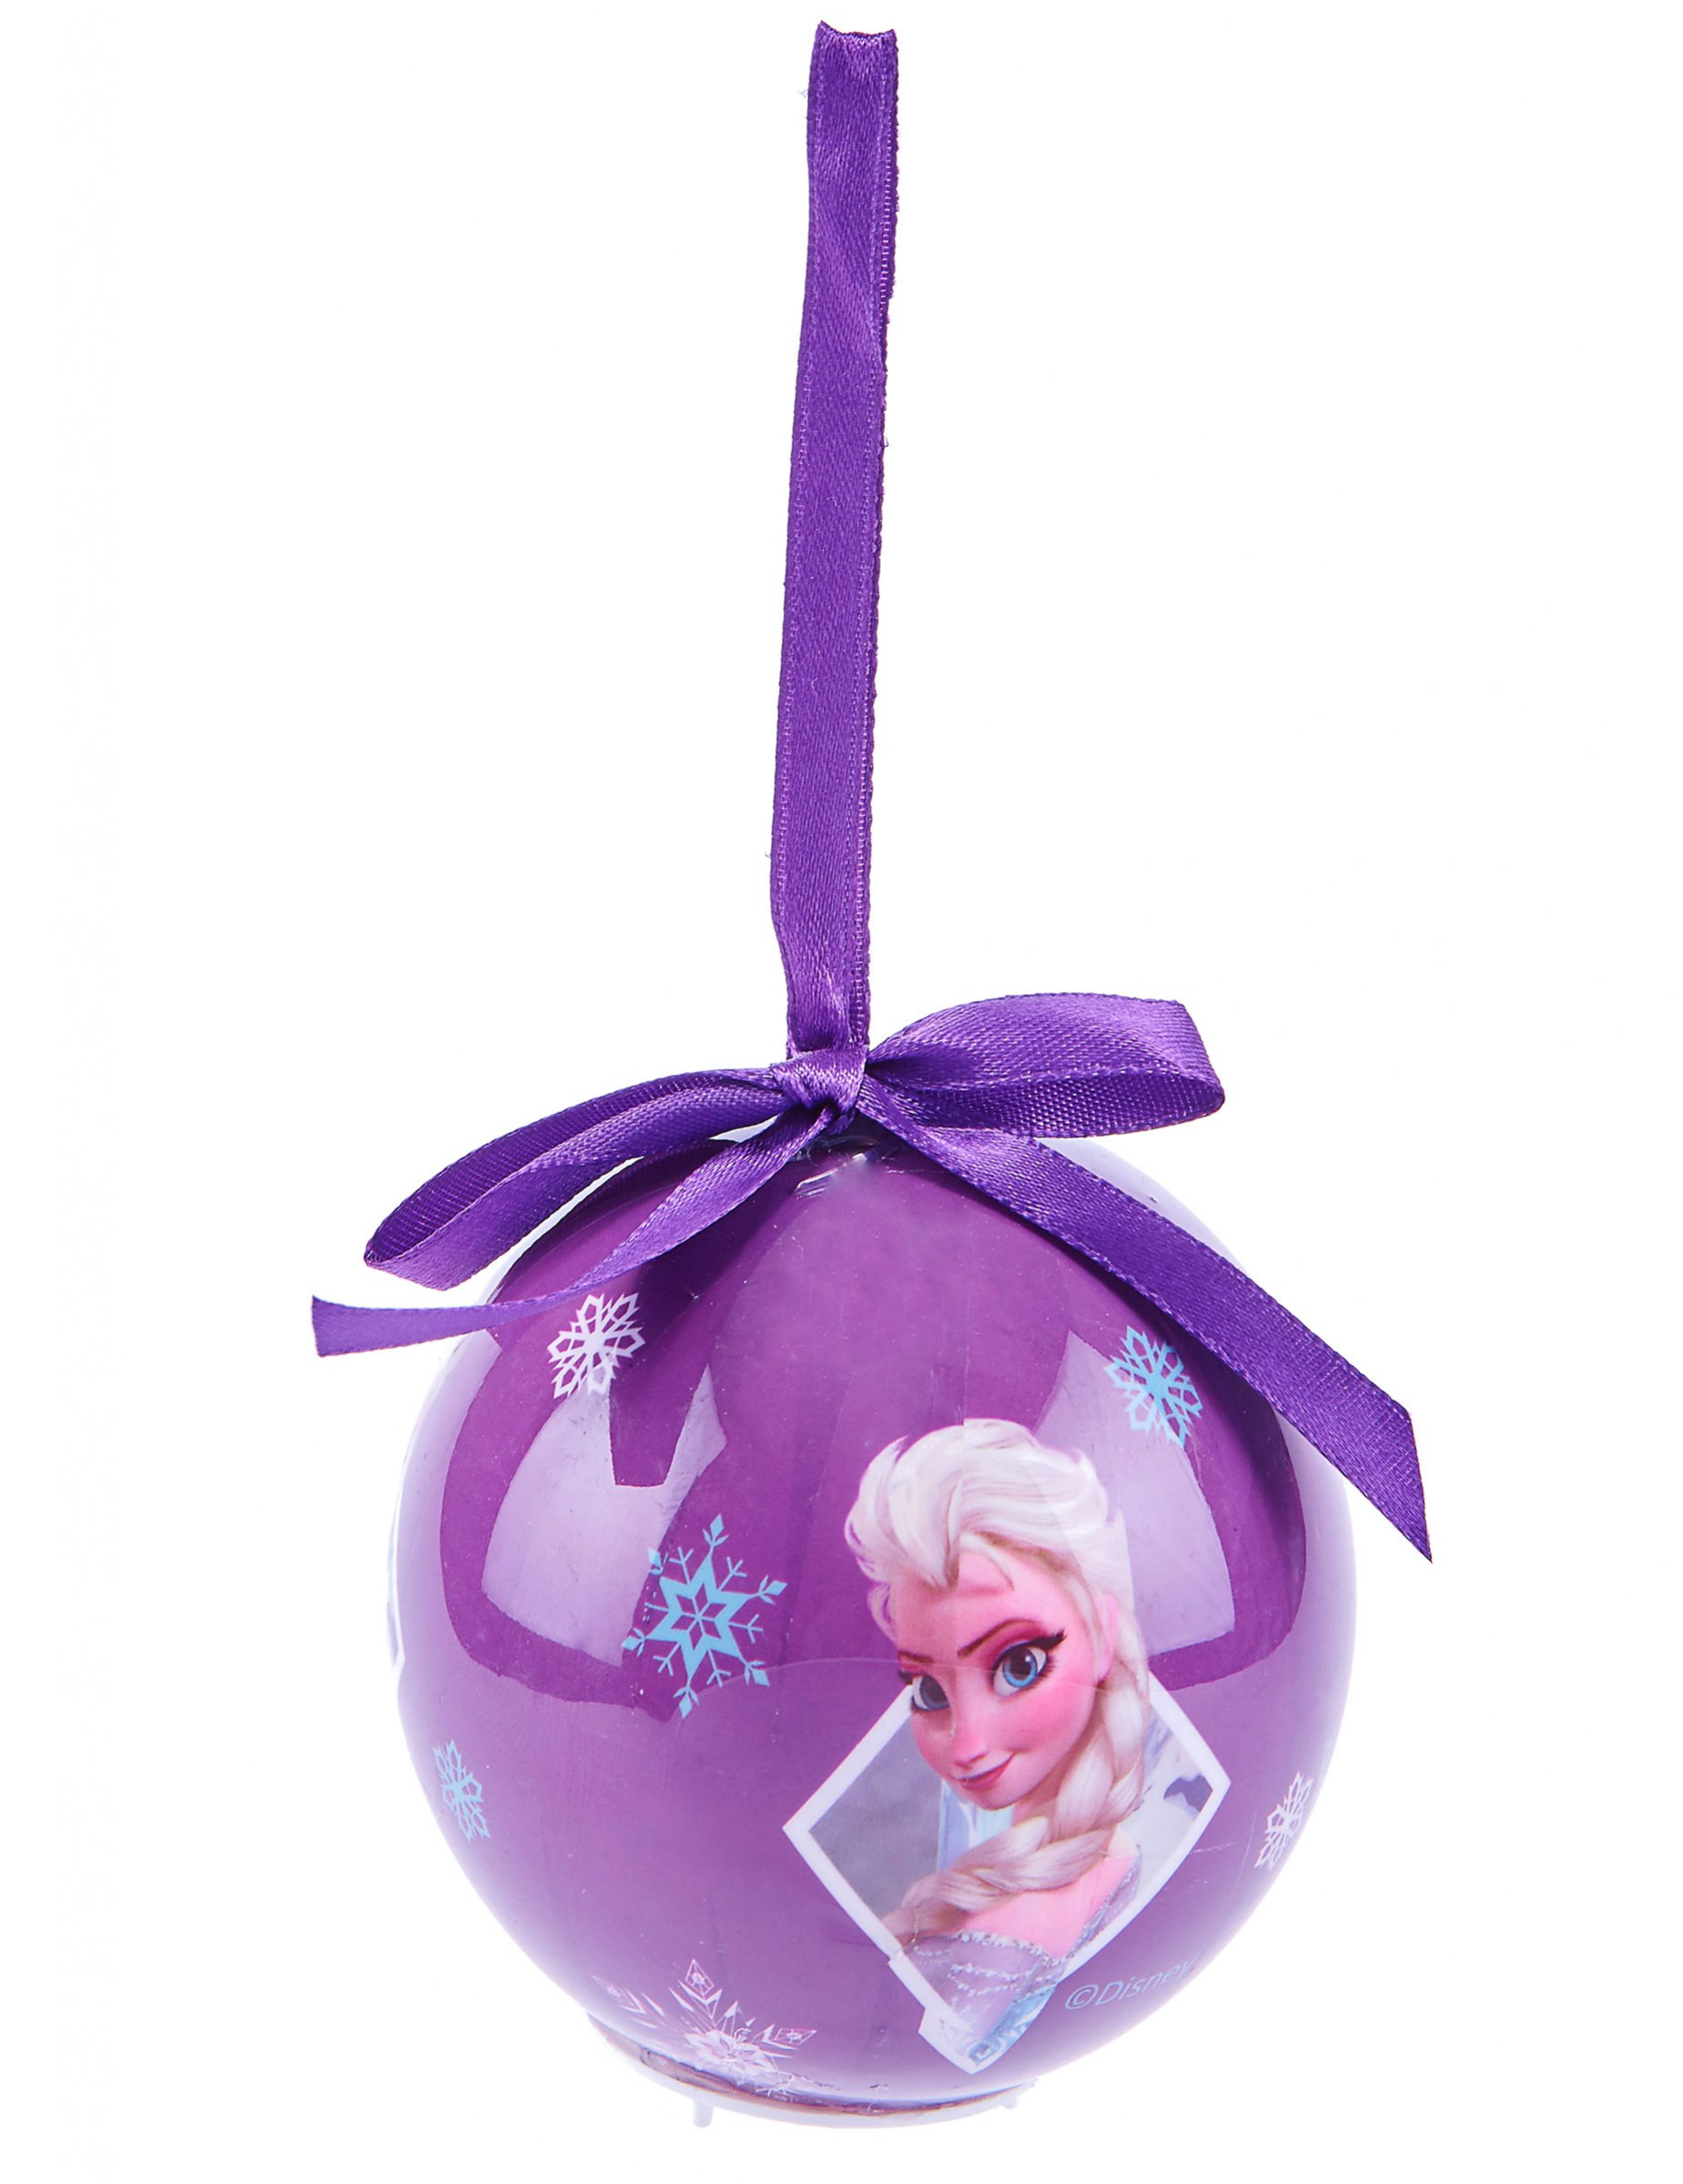 #2365A8 Boule Lumineuse La Reine Des Neiges™ 7 5 Cm Noël  6015 decoration de noel reine des neiges 1849x2400 px @ aertt.com